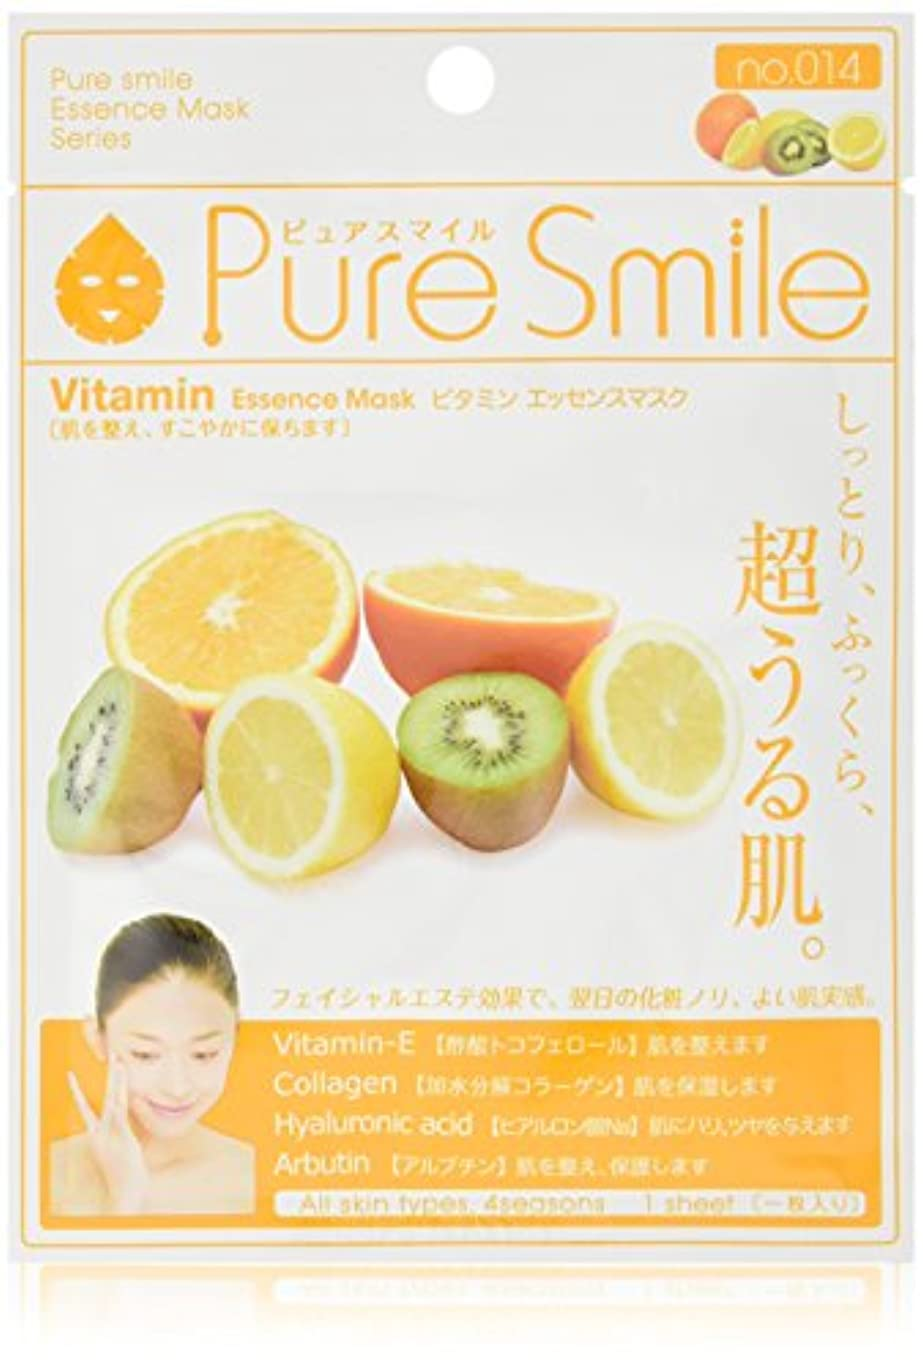 排泄物トランク流行しているPure Smile ピュアスマイル エッセンスマスク ビタミン 6枚セット